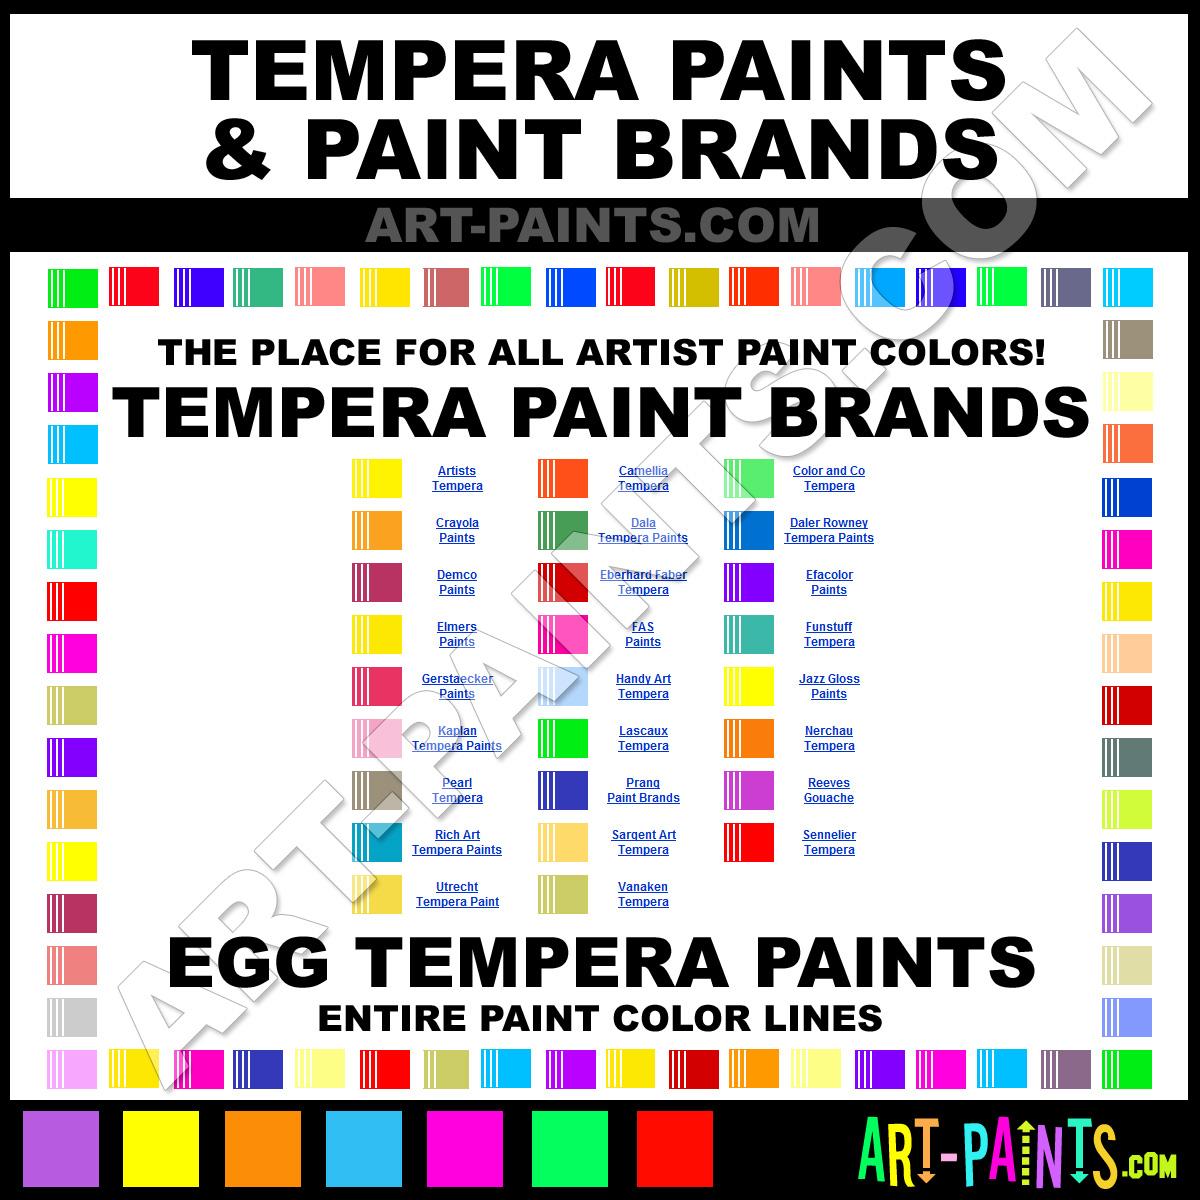 Egg Tempera Art Paints Tempera Paint Tempera Color Egg Tempera Brands Art